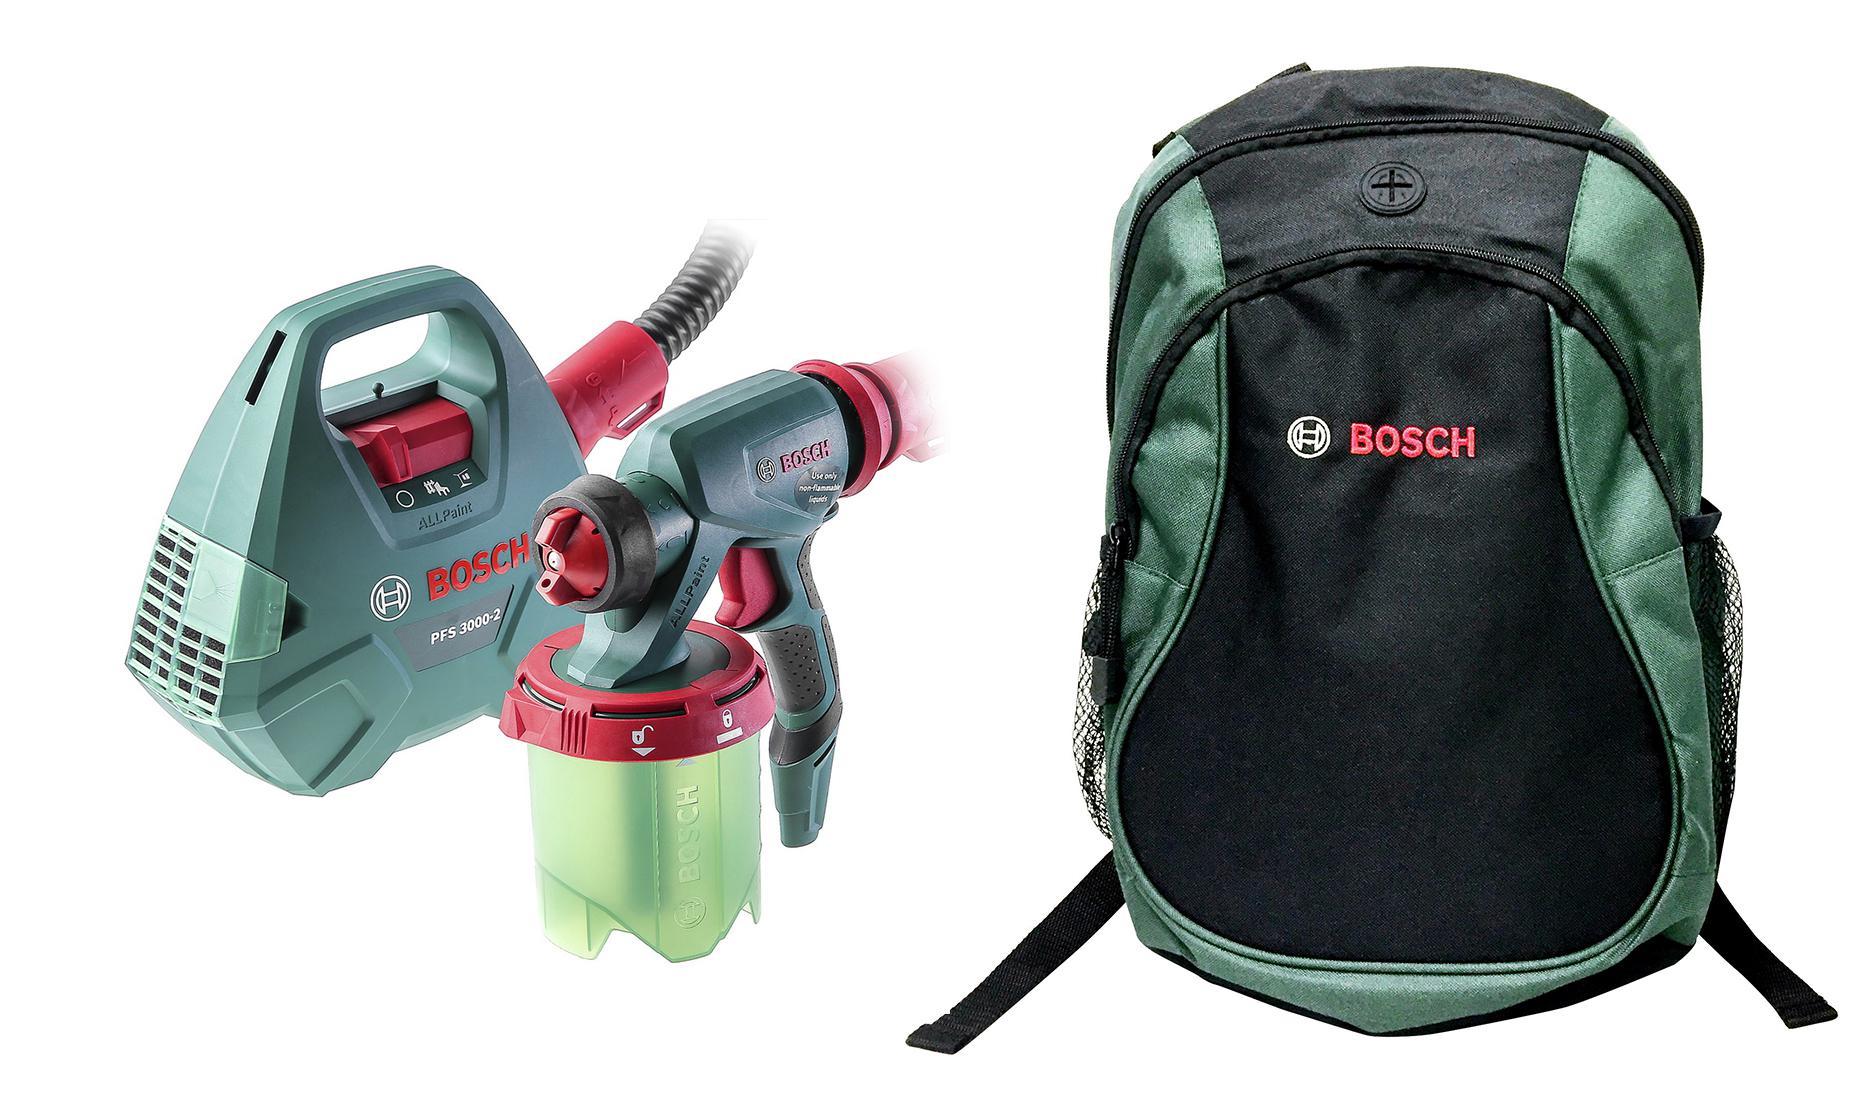 Набор Bosch Краскопульт pfs 3000-2 (0.603.207.100) +Рюкзак green (1619g45200) bosch pfs 3000 2 0603207100